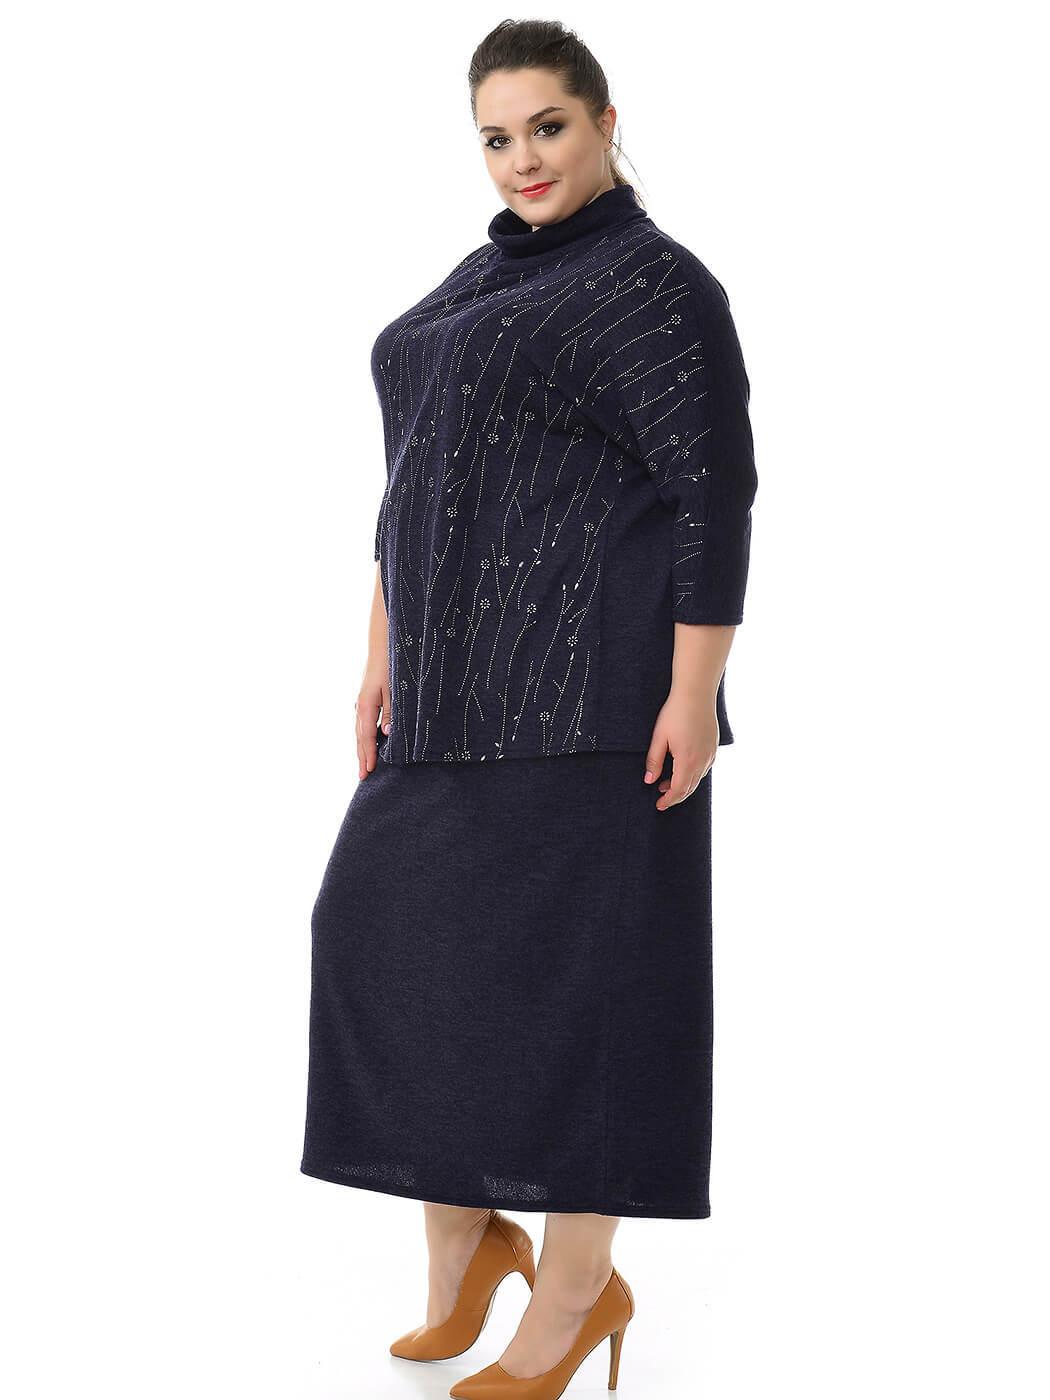 Блуза с цельнокроеным рукавом Ангора темно-синяя